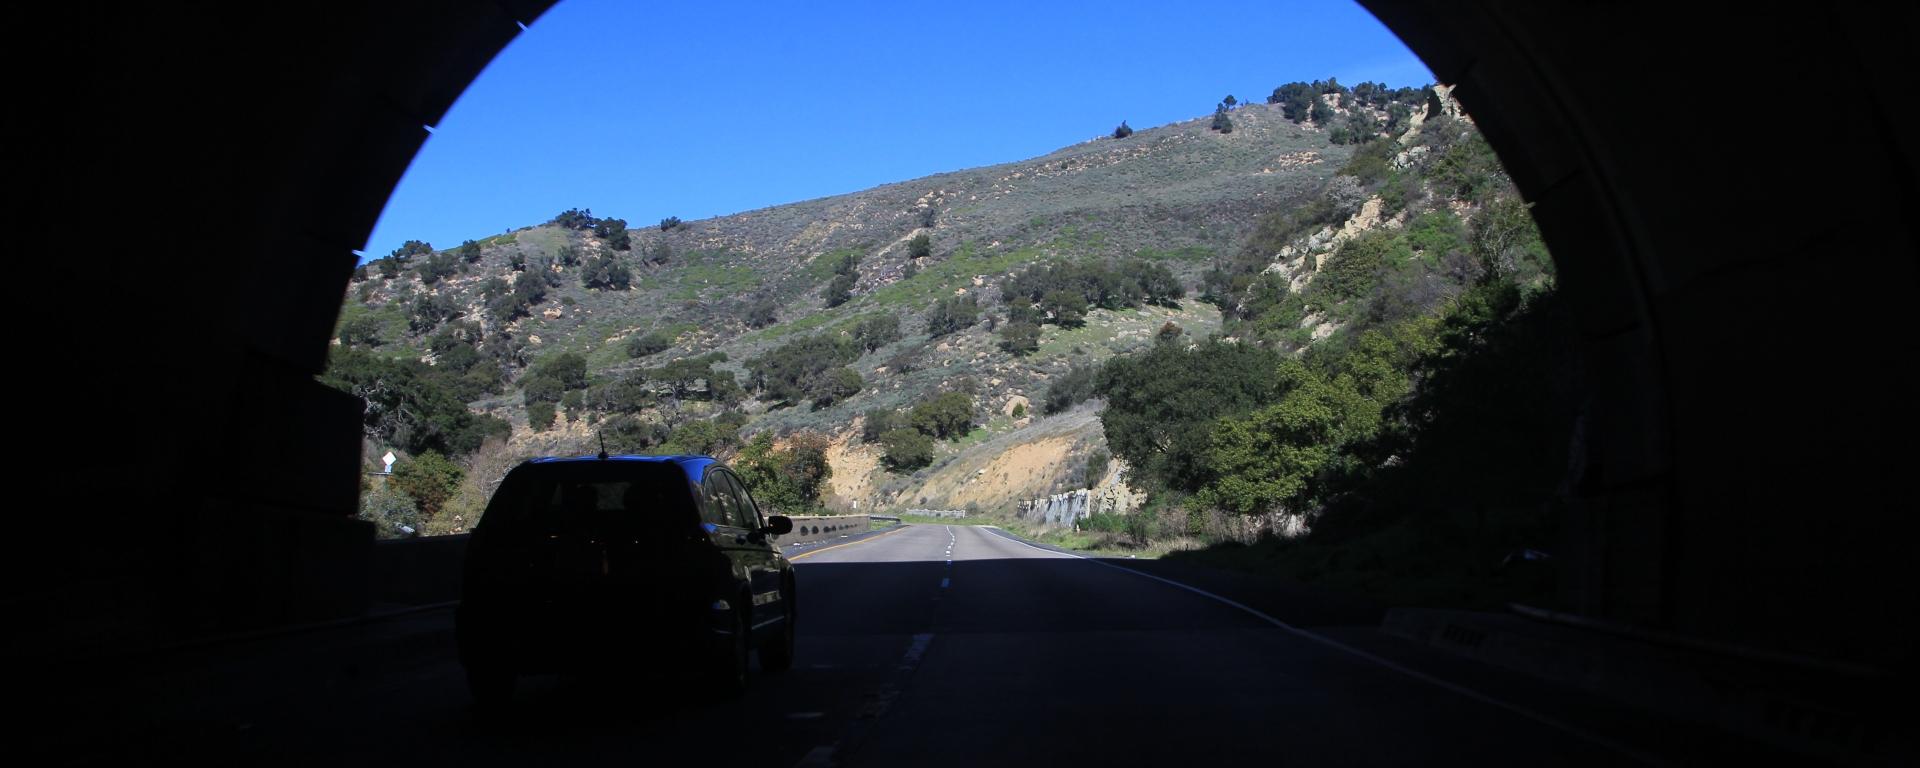 Road tunnel in scenic California road